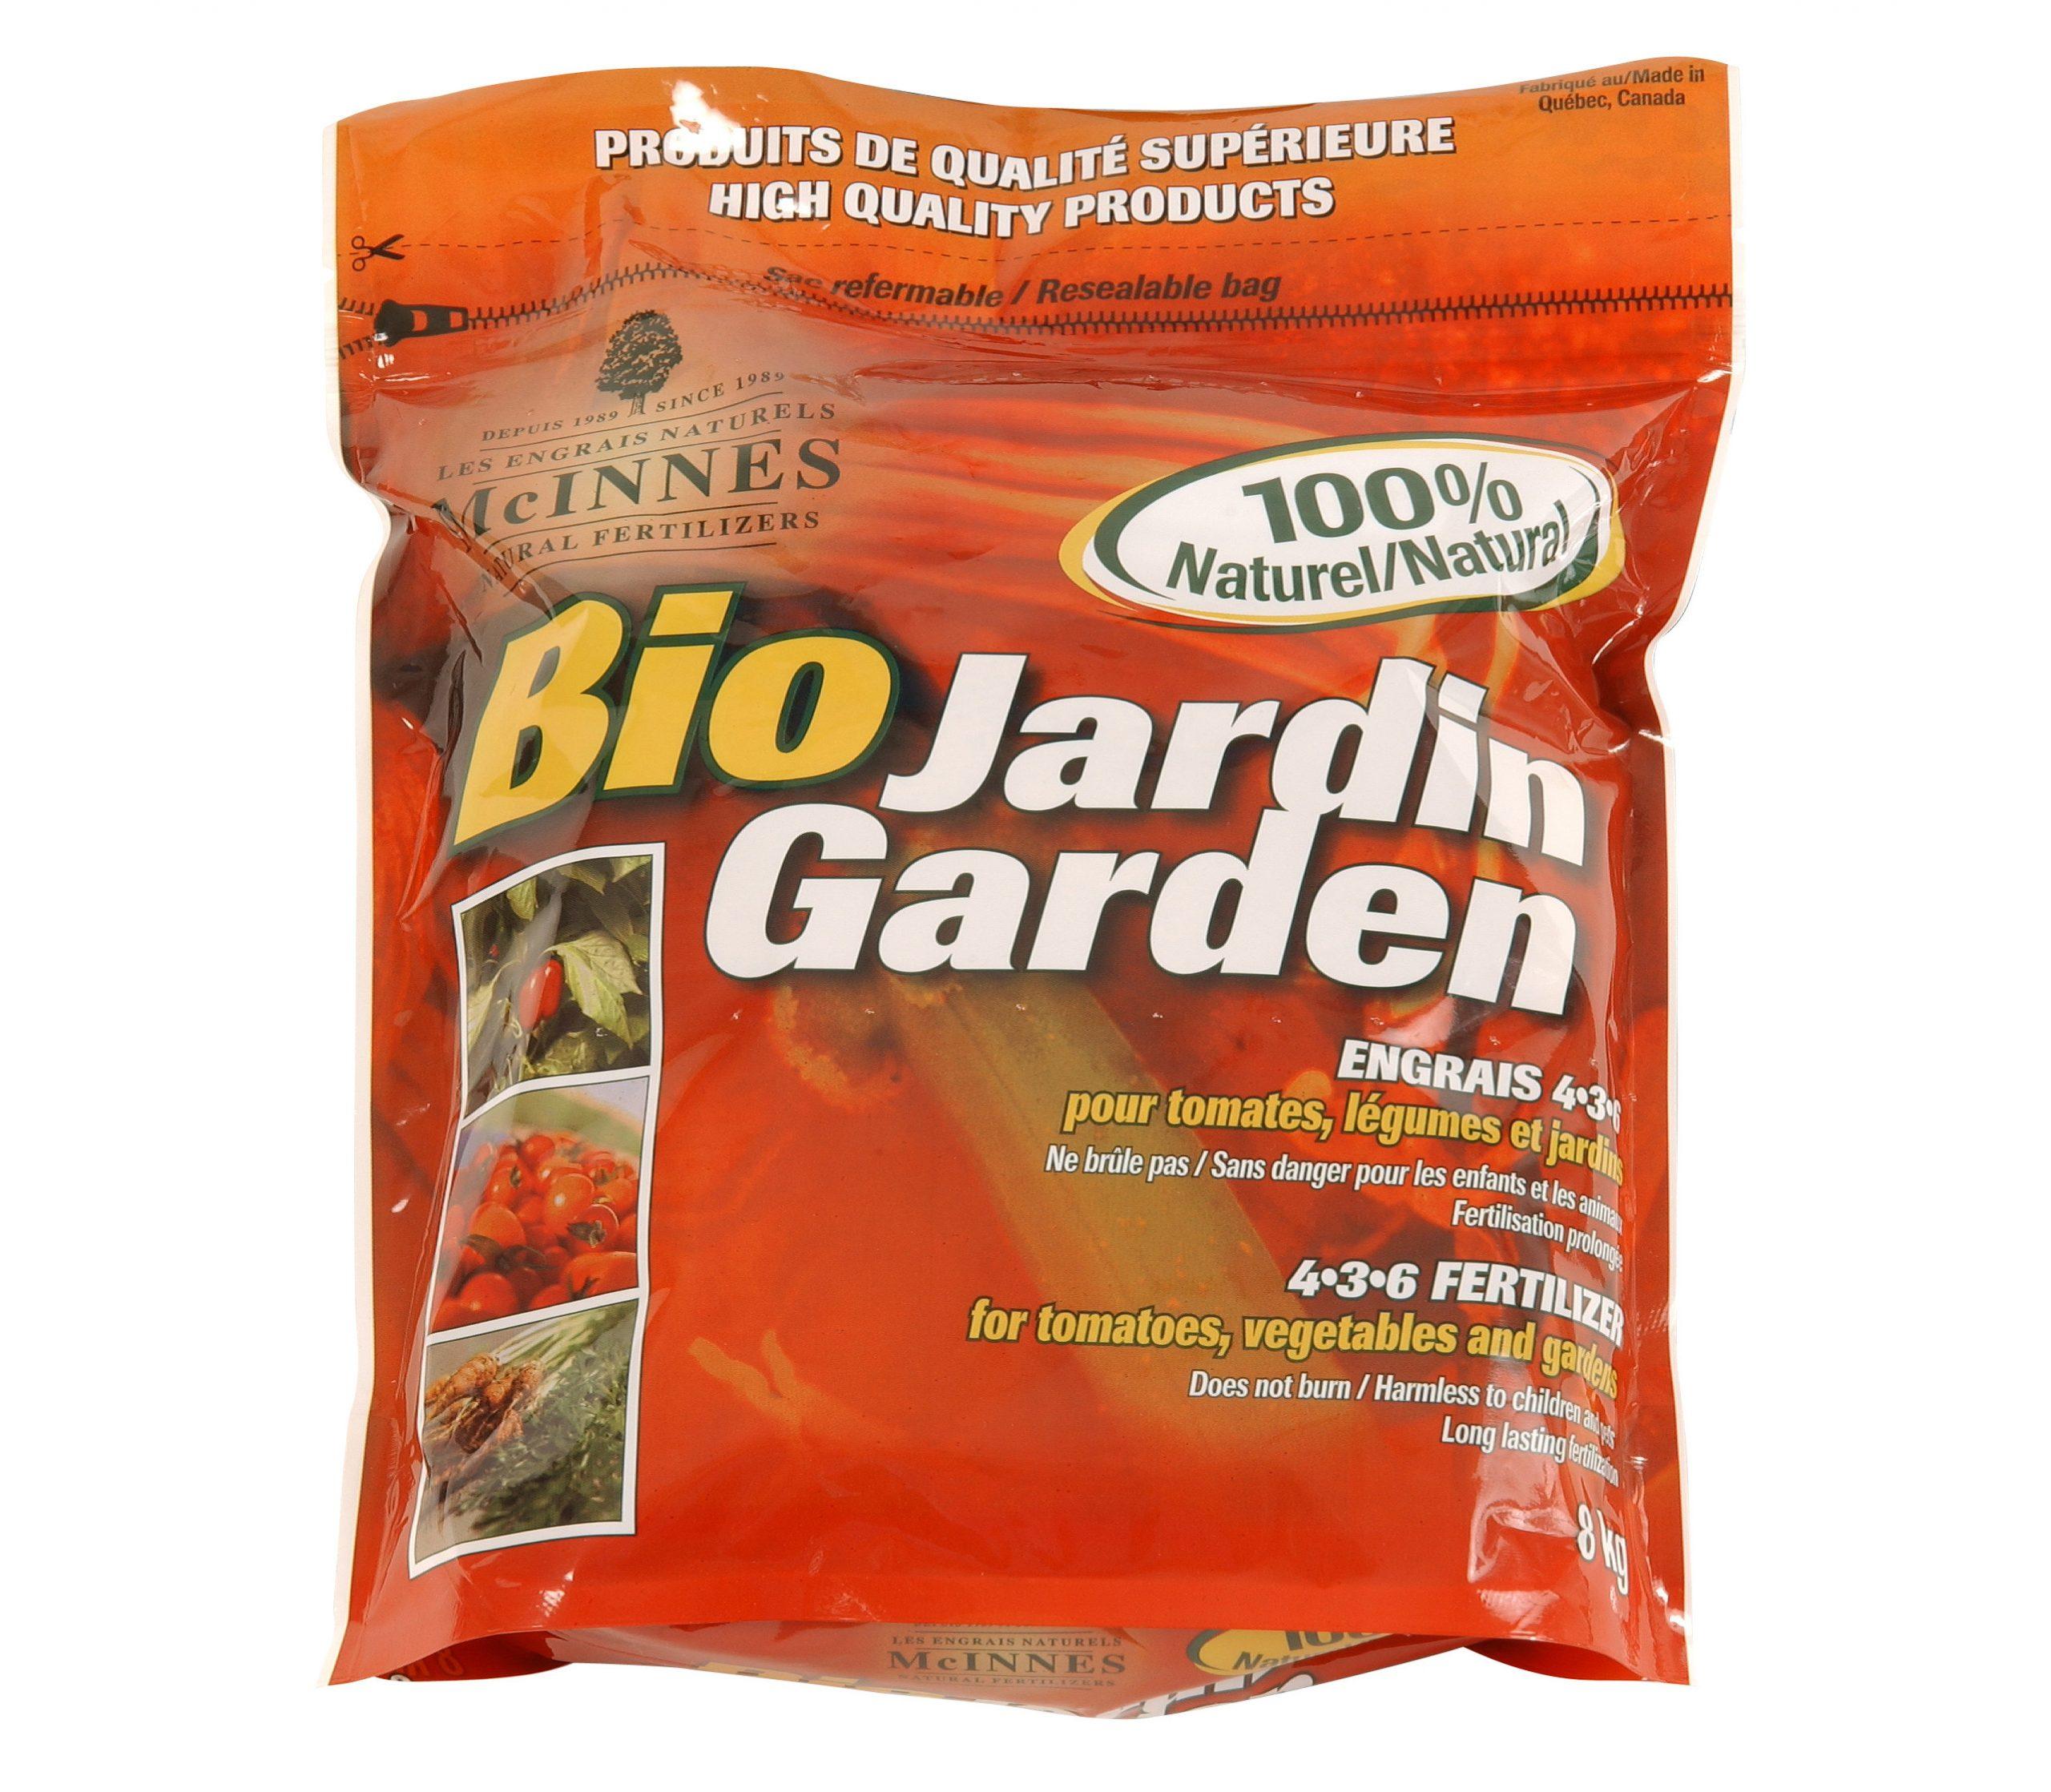 Engrais Bio-Jardin Mcinnes 4-3-6 8 Kg - Floralies Jouvence à Engrais Bio Jardin